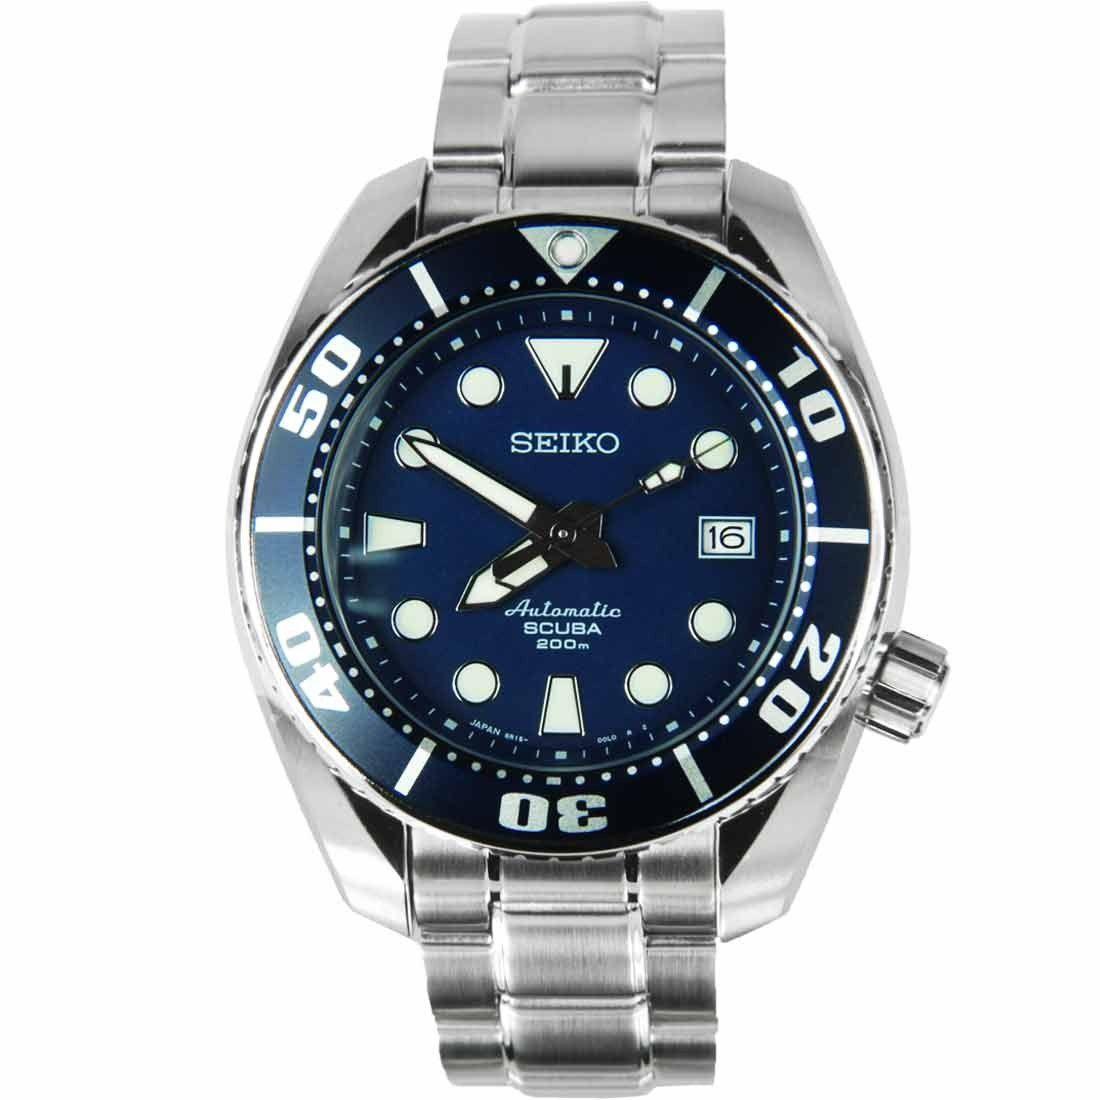 seiko sumo prospex automatic mens s diver watch sbdc003j seiko sumo prospex automatic mens s diver watch sbdc003j sbdc003